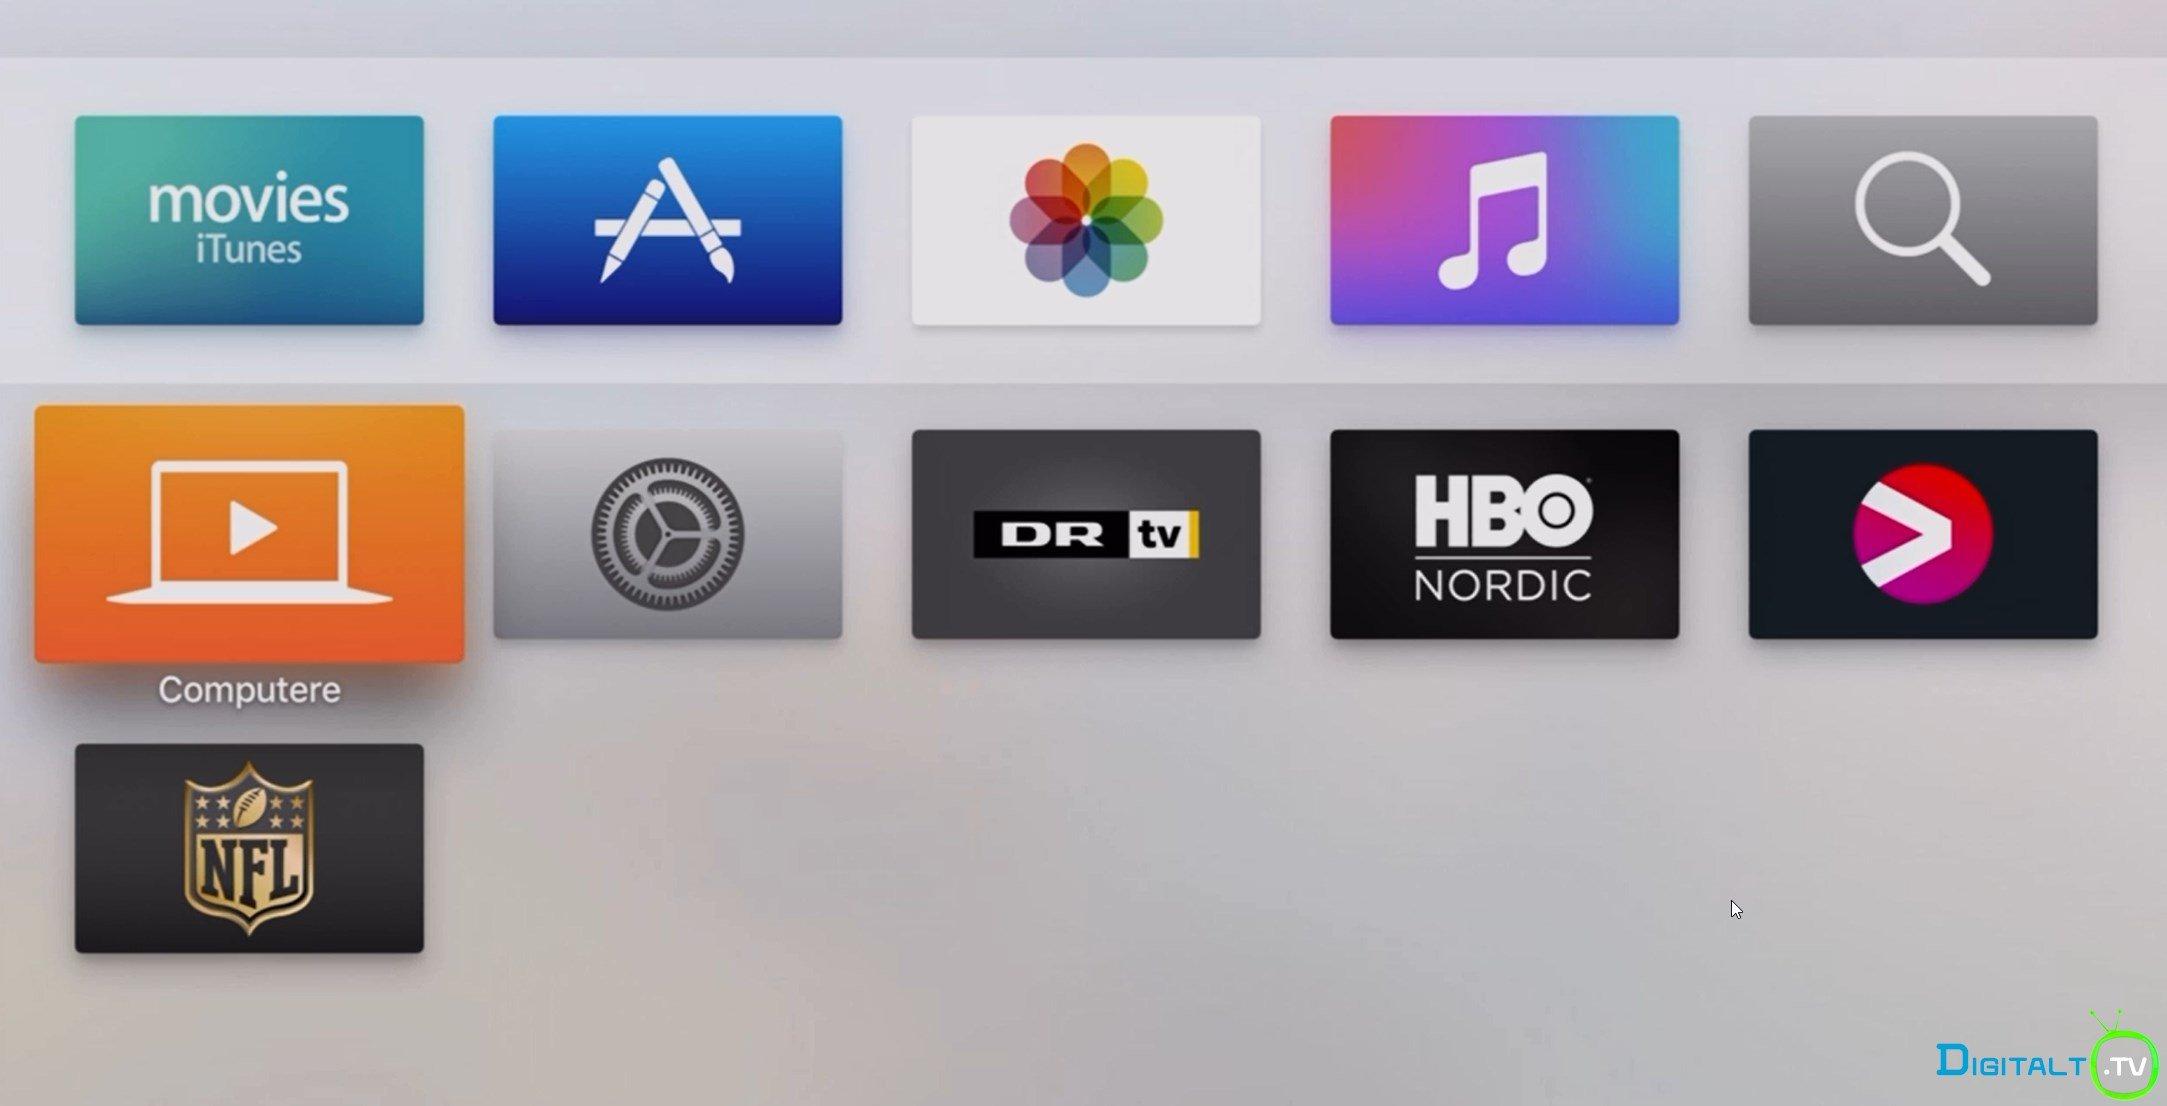 HBO Nordic, Viaplay og DR klar fra starten på den nye Apple TV : DIGITALT.TV